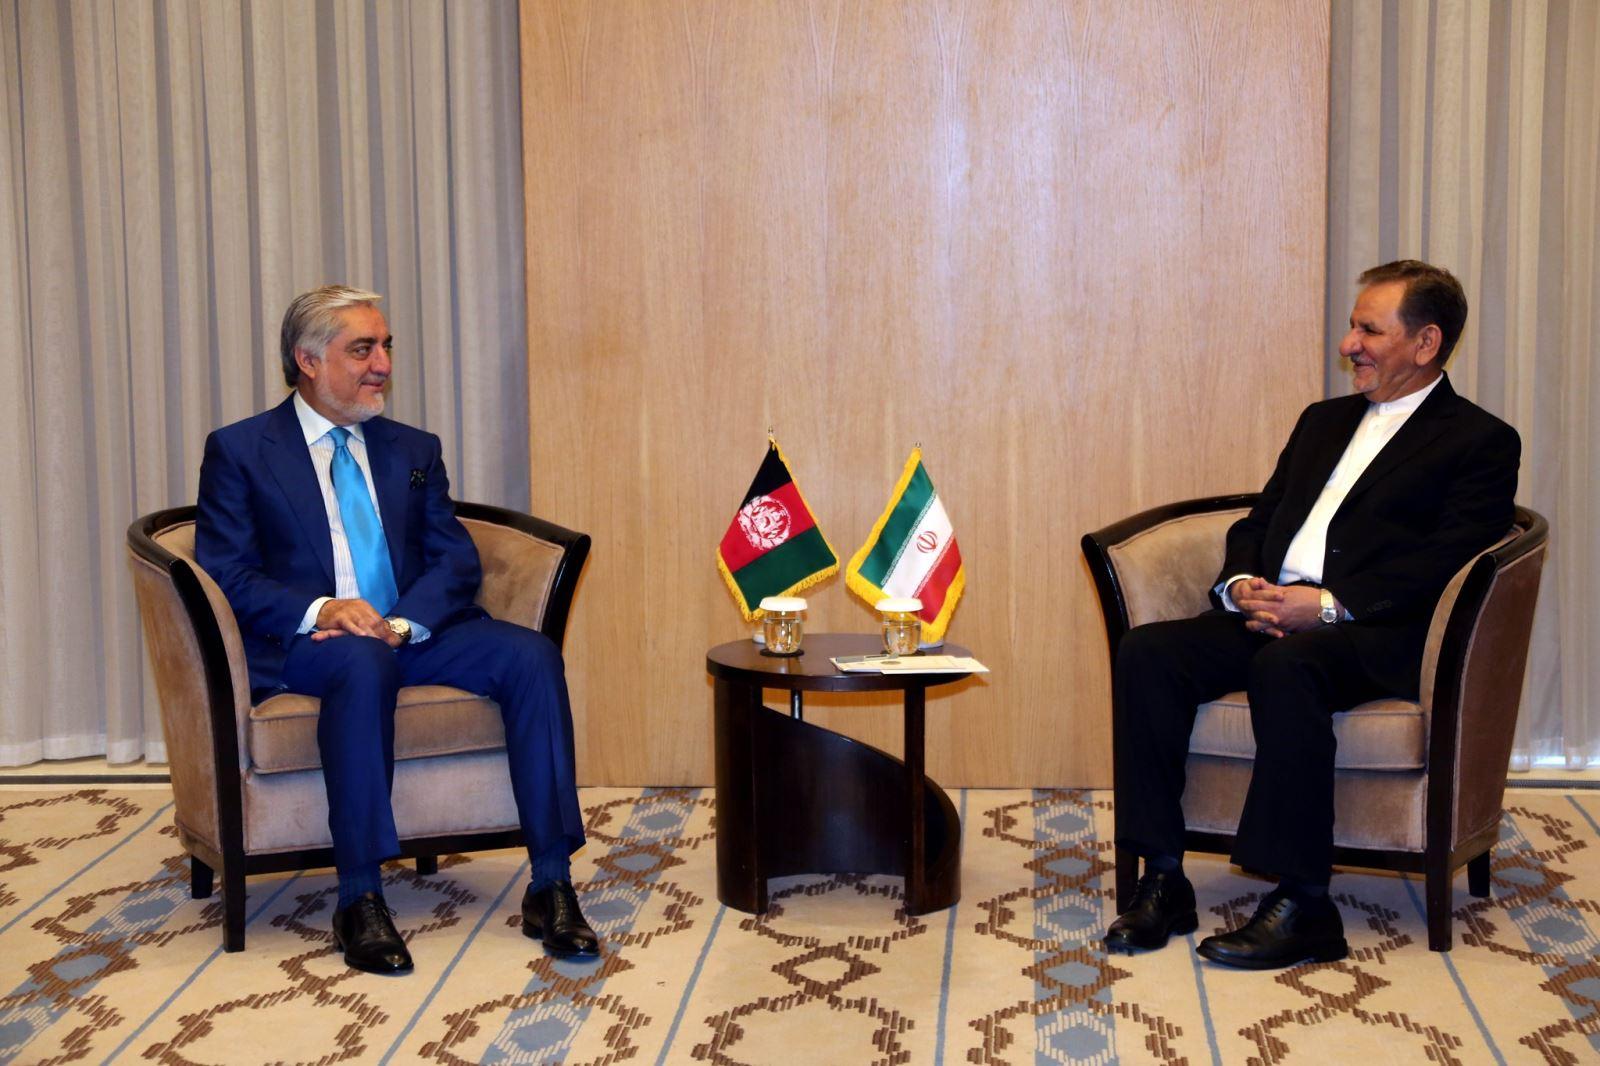 رییس اجراییه افغانستان با معاون اول رییسجمهور ایران ملاقات کرد